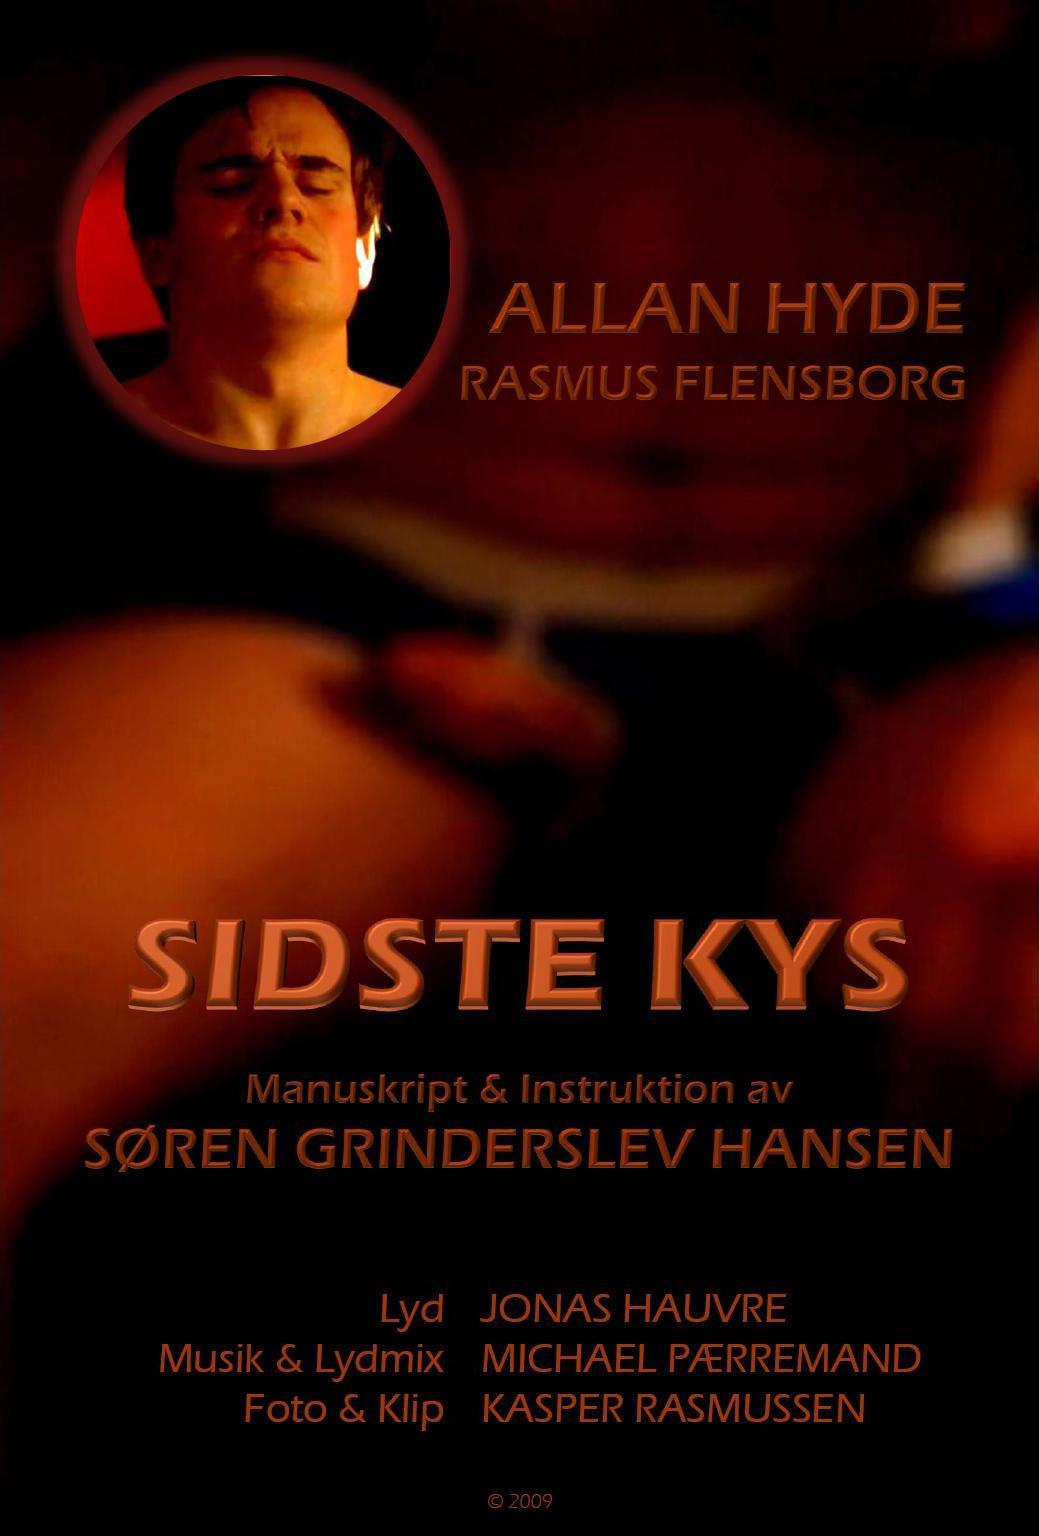 Sidste Kys (2009) Last Kiss